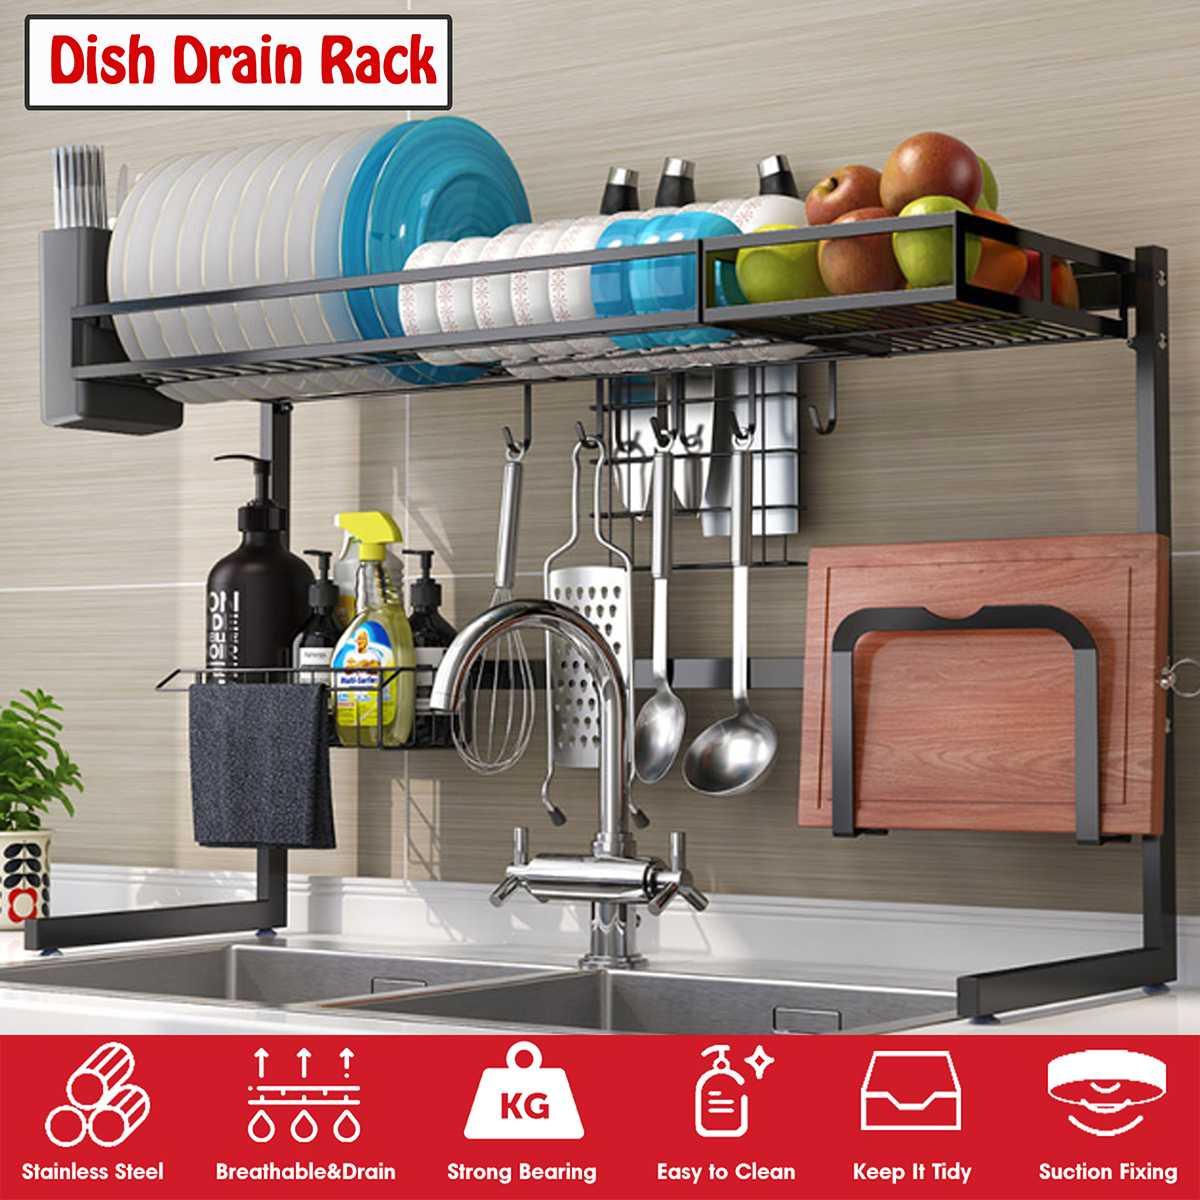 65/85cm Bowl Dish Dry Rack Stainless Steel Over Sink Kitchen Organizer Storage Shelf Holder Utensils Storage Organizer in Black